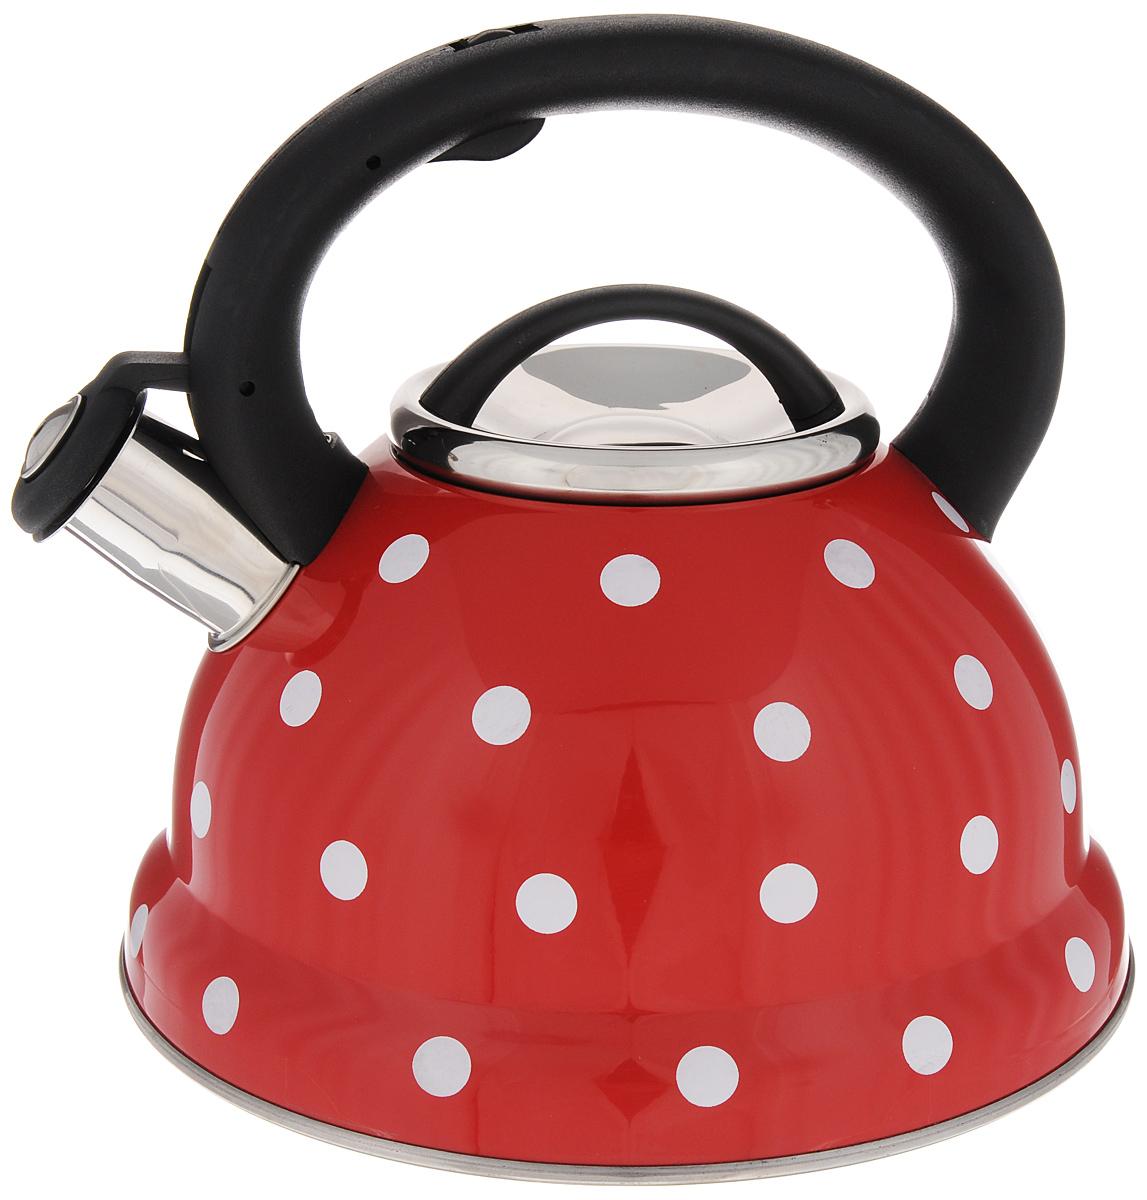 Чайник Mayer & Boch Горох, со свистком, 2,8 л. 2497324973Чайник со свистком Mayer & Boch изготовлен из высококачественной нержавеющей стали, что обеспечивает долговечность использования. Носик чайника оснащен откидным свистком, звуковой сигнал которого подскажет, когда закипит вода. Фиксированная ручка, изготовленная из пластика и цинка, снабжена клавишей для открывания носика, что делает использование чайника очень удобным и безопасным. Чайник Mayer & Boch - качественное исполнение и стильное решение для вашей кухни. Подходит для всех типов плит, включая индукционные. Можно мыть в посудомоечной машине. Высота чайника (с учетом ручки): 21,5 см. Высота чайника (без учета ручки и крышки): 12 см. Диаметр чайника (по верхнему краю): 10 см. Диаметр основания: 22 см.